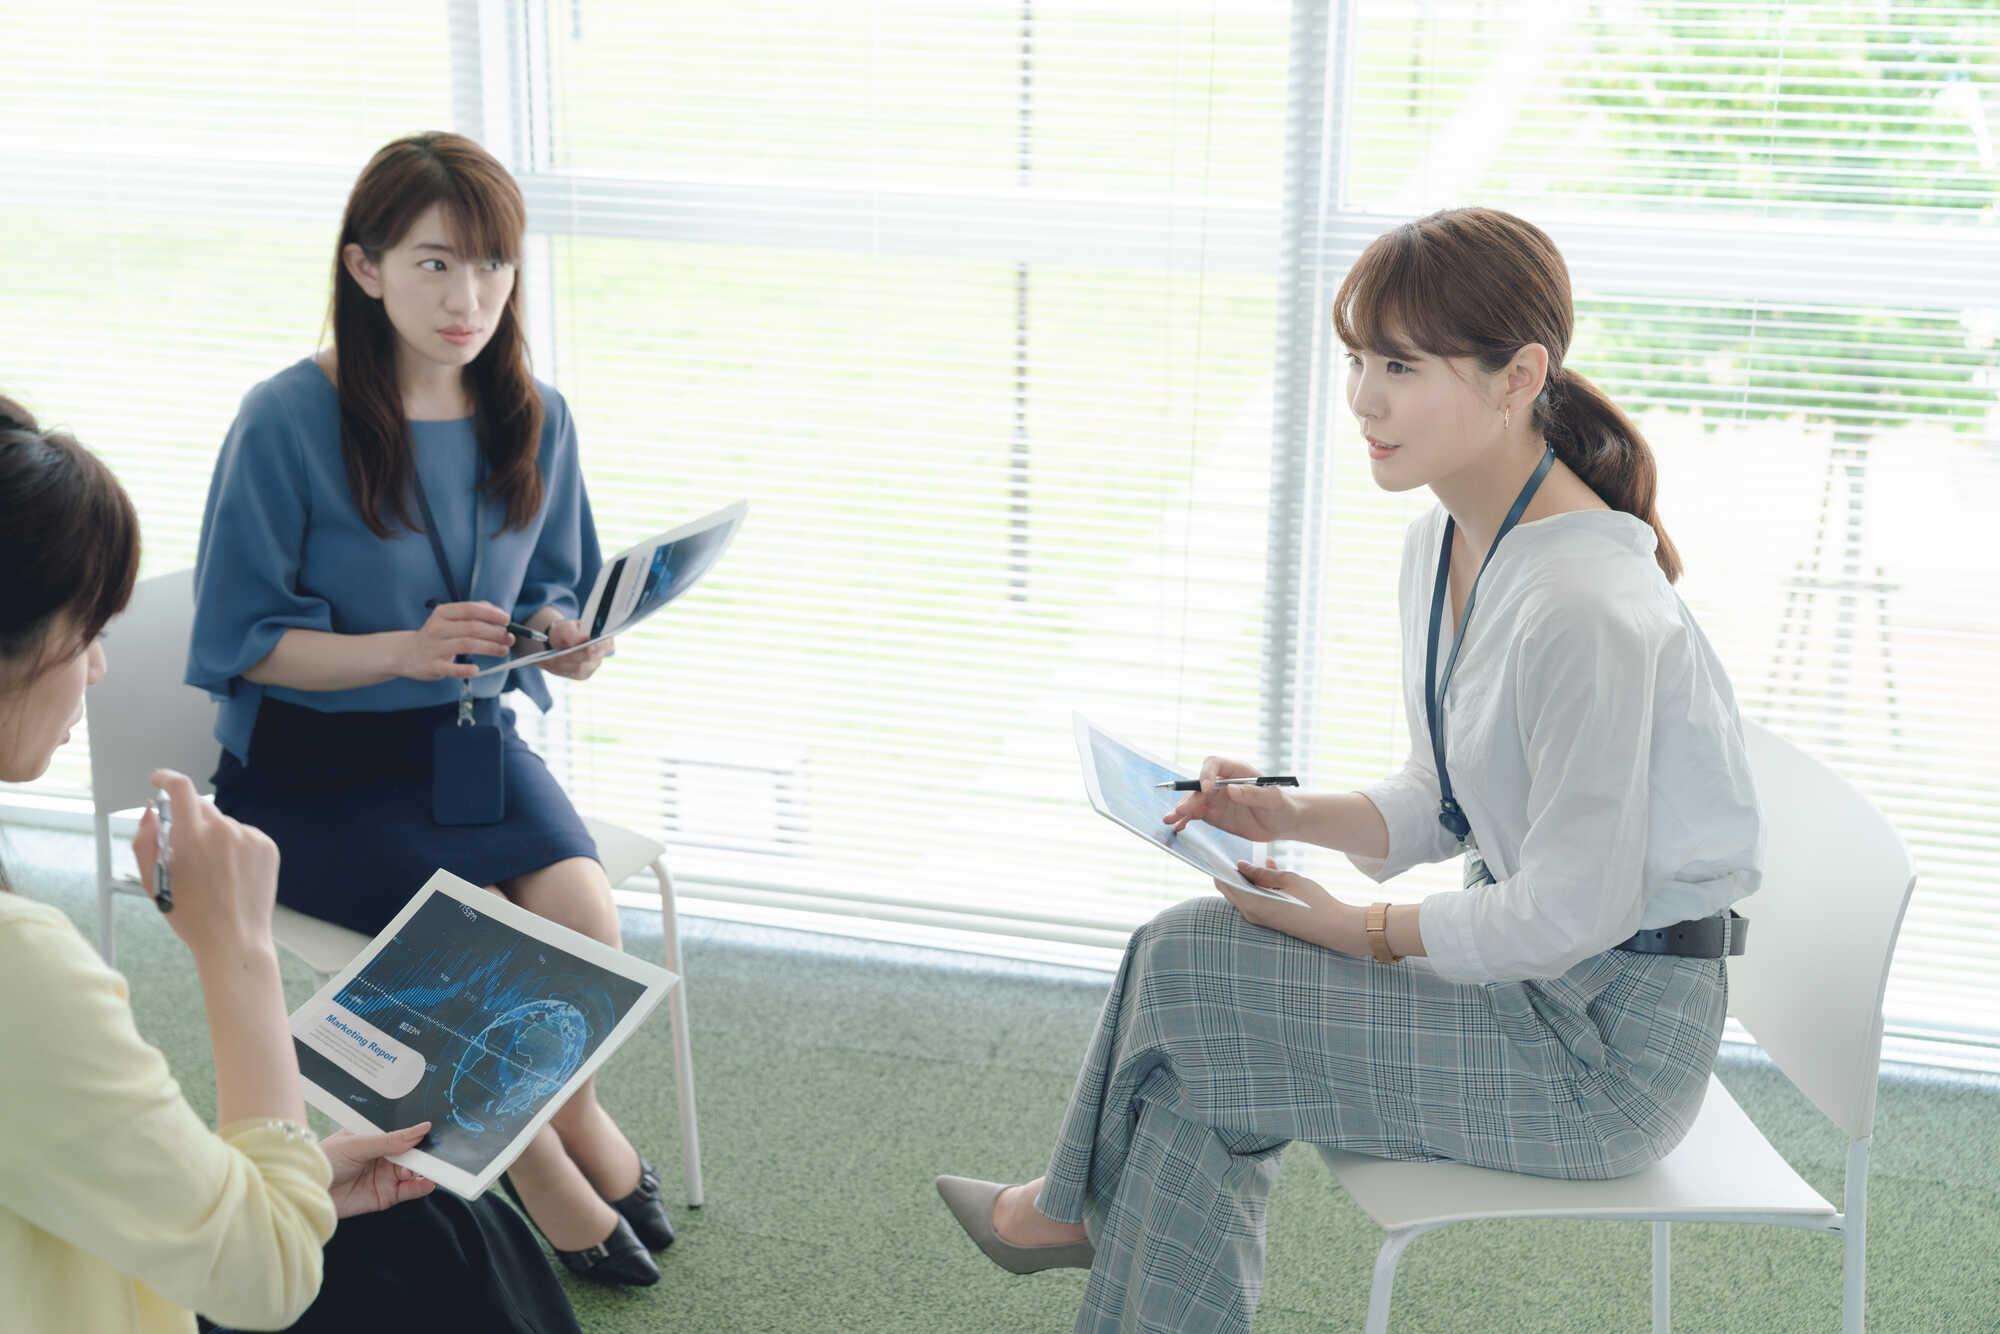 新入社員研修時のグループワークとグループワークのお題やテーマ